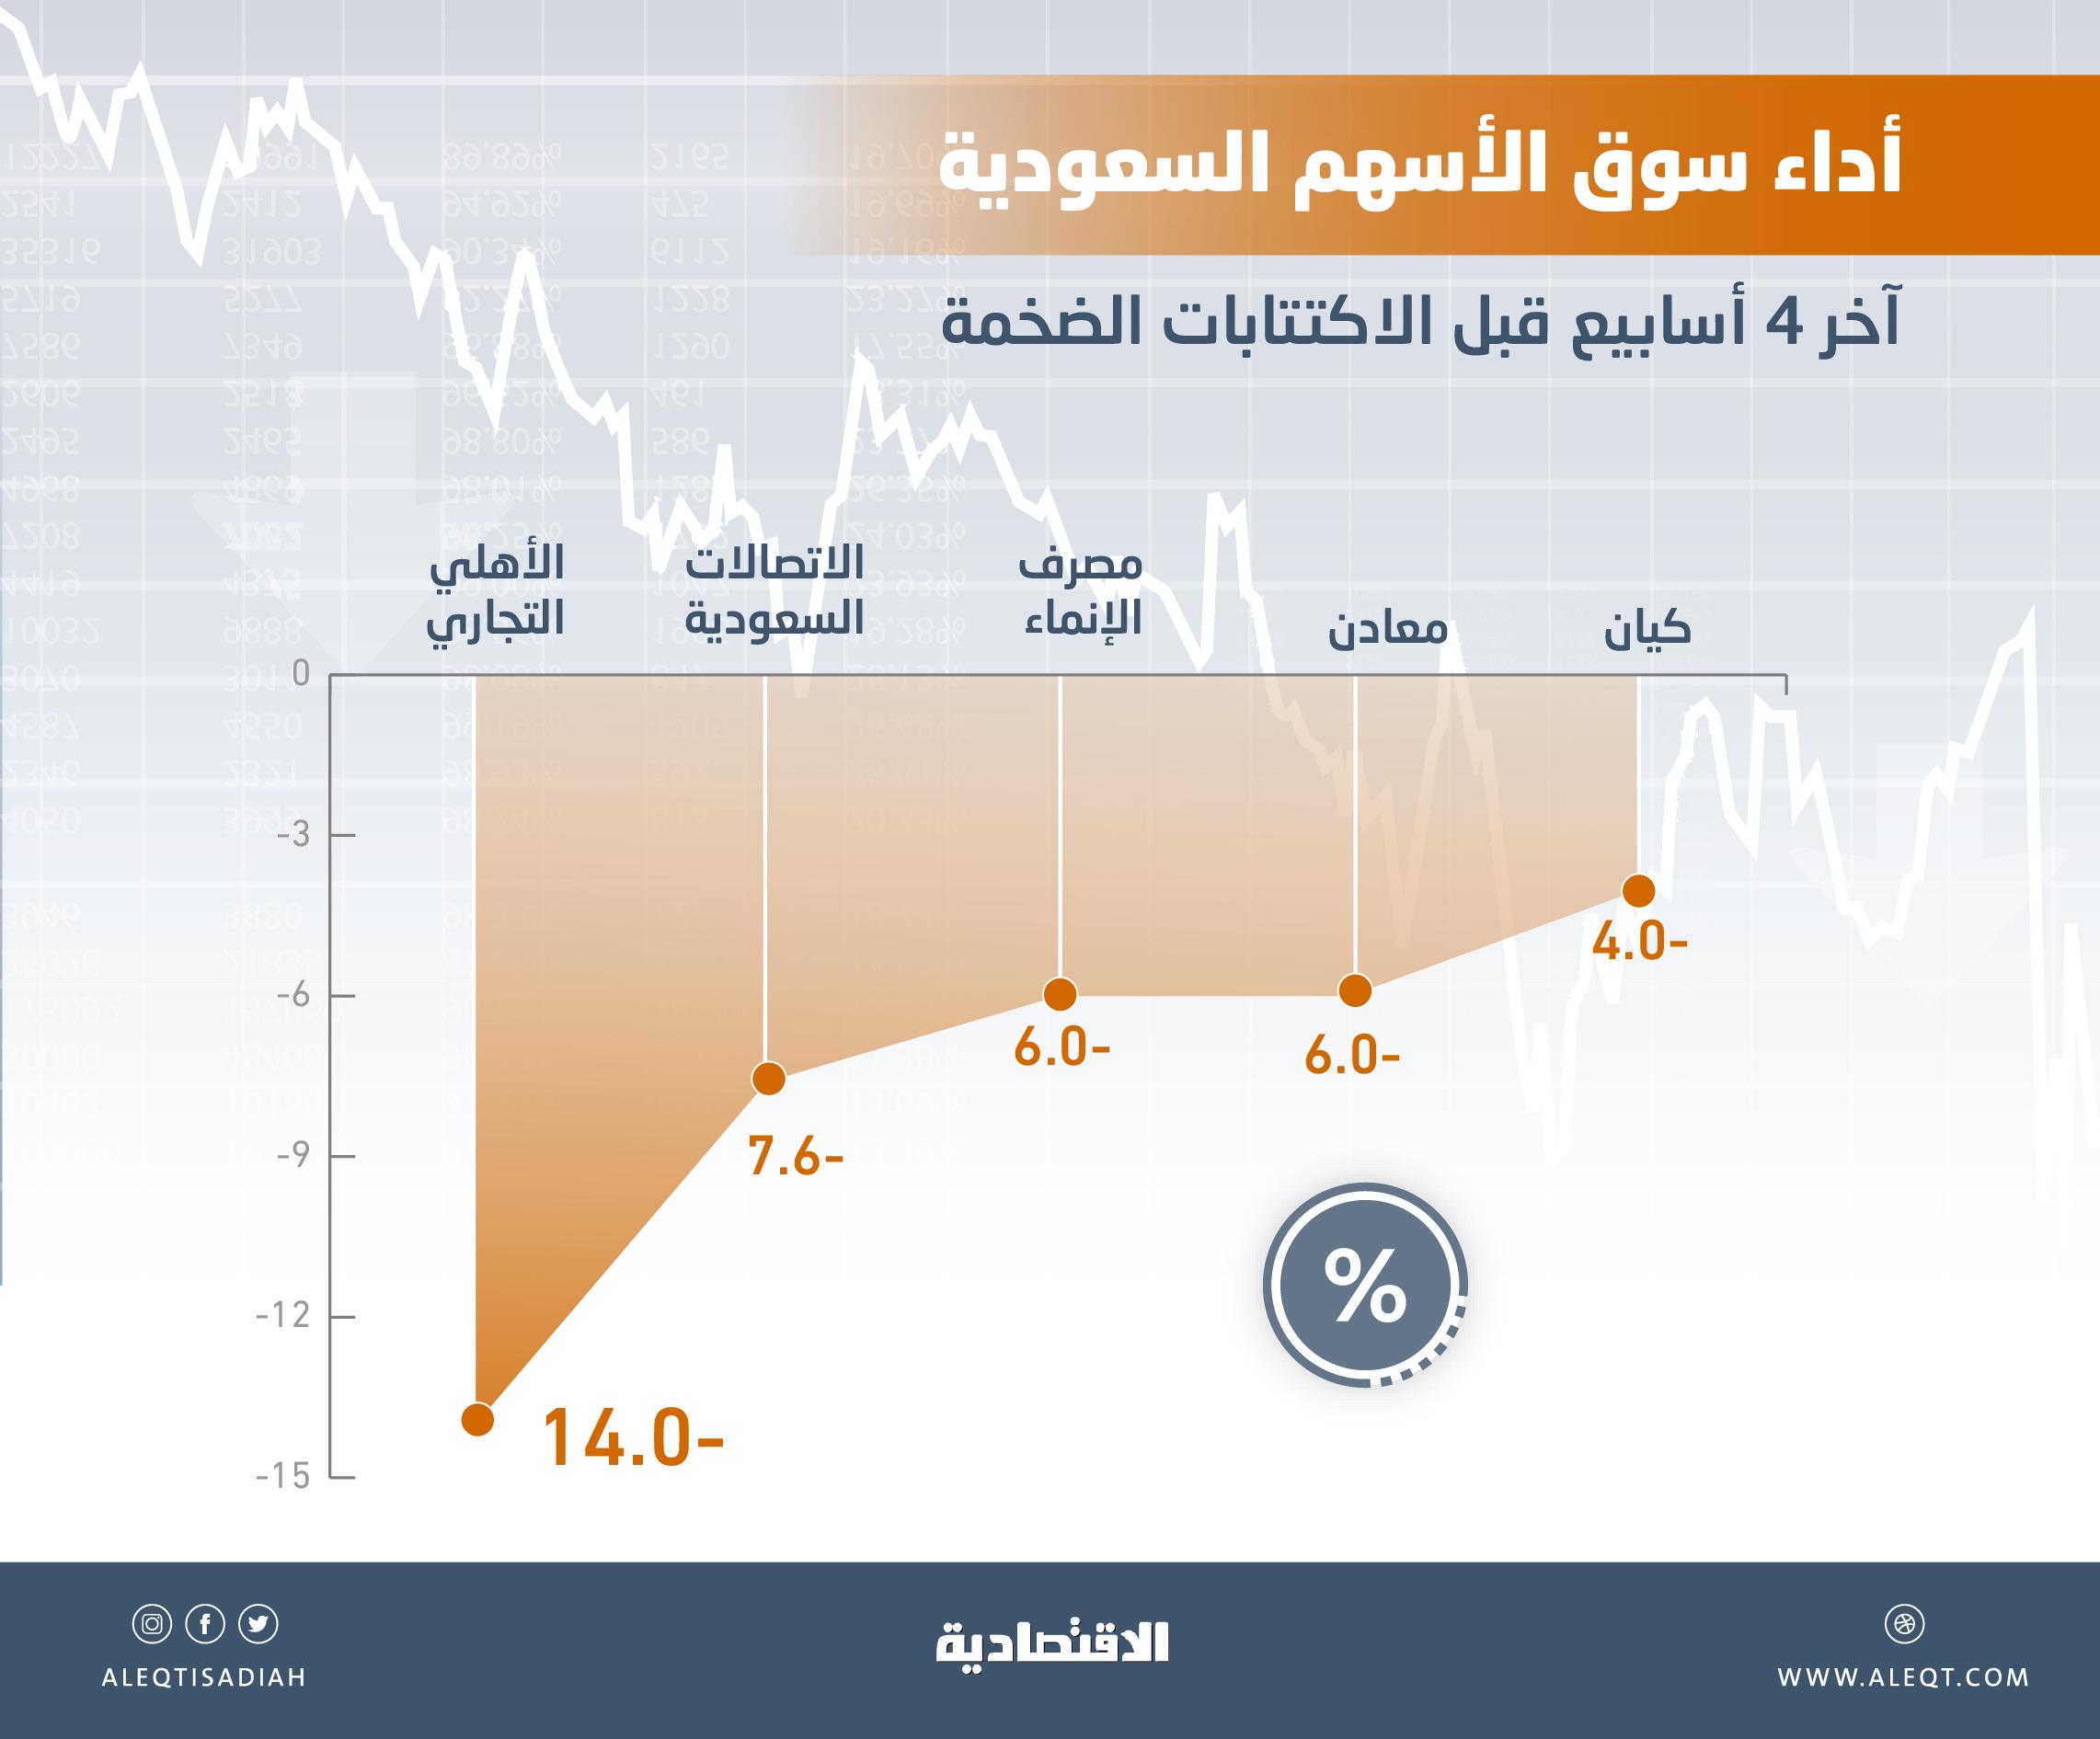 تاريخيا .. 7.5 % متوسط تراجعات سوق الأسهم المحلية قبل الاكتتابات الكبيرة    صحيفة الاقتصادية